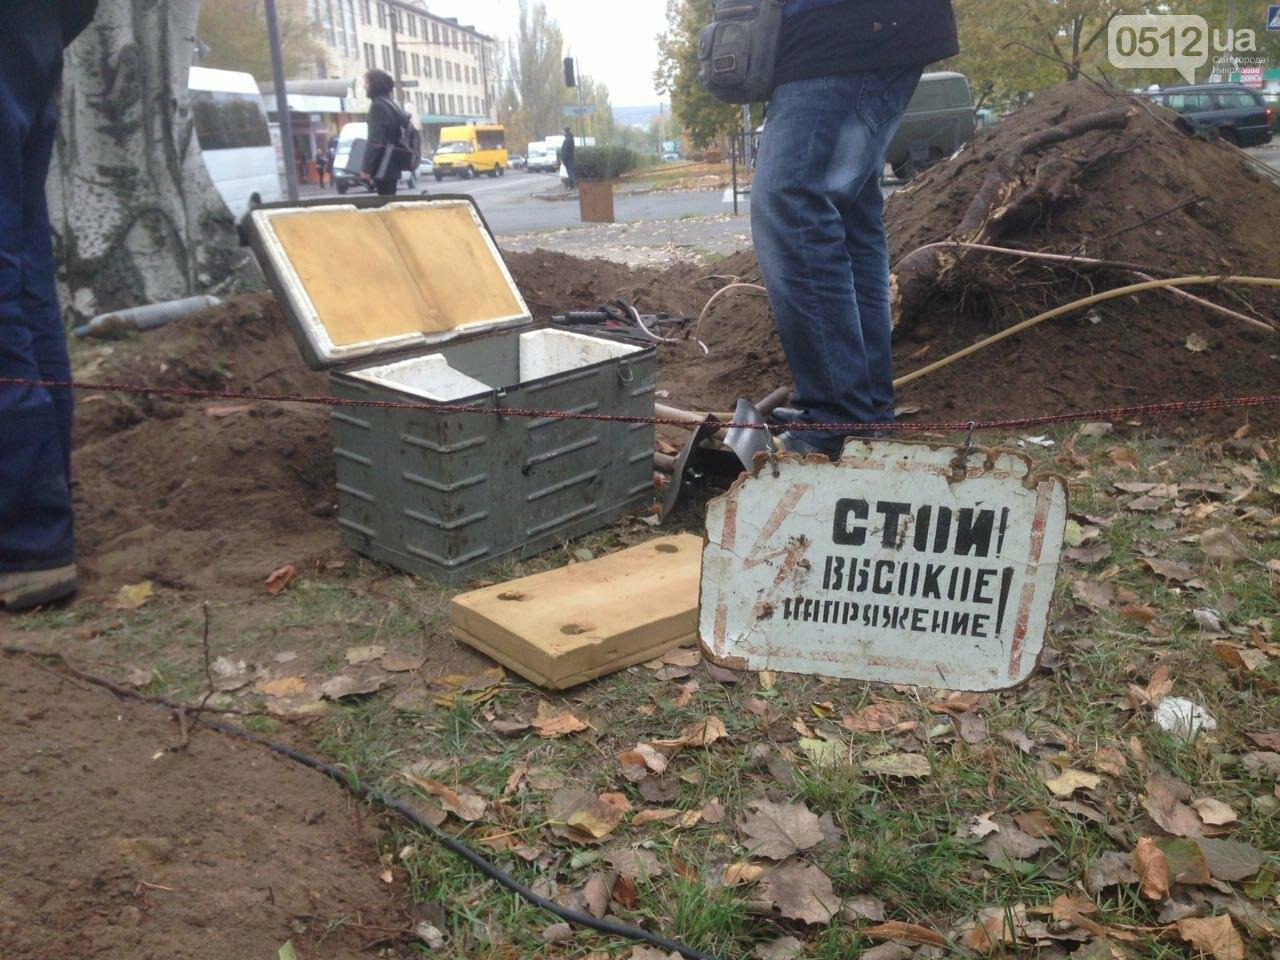 Сотрудники трамвайно-троллейбусного депо устанавливают высоковольтный кабель в центре Николаева, - ФОТО, фото-1